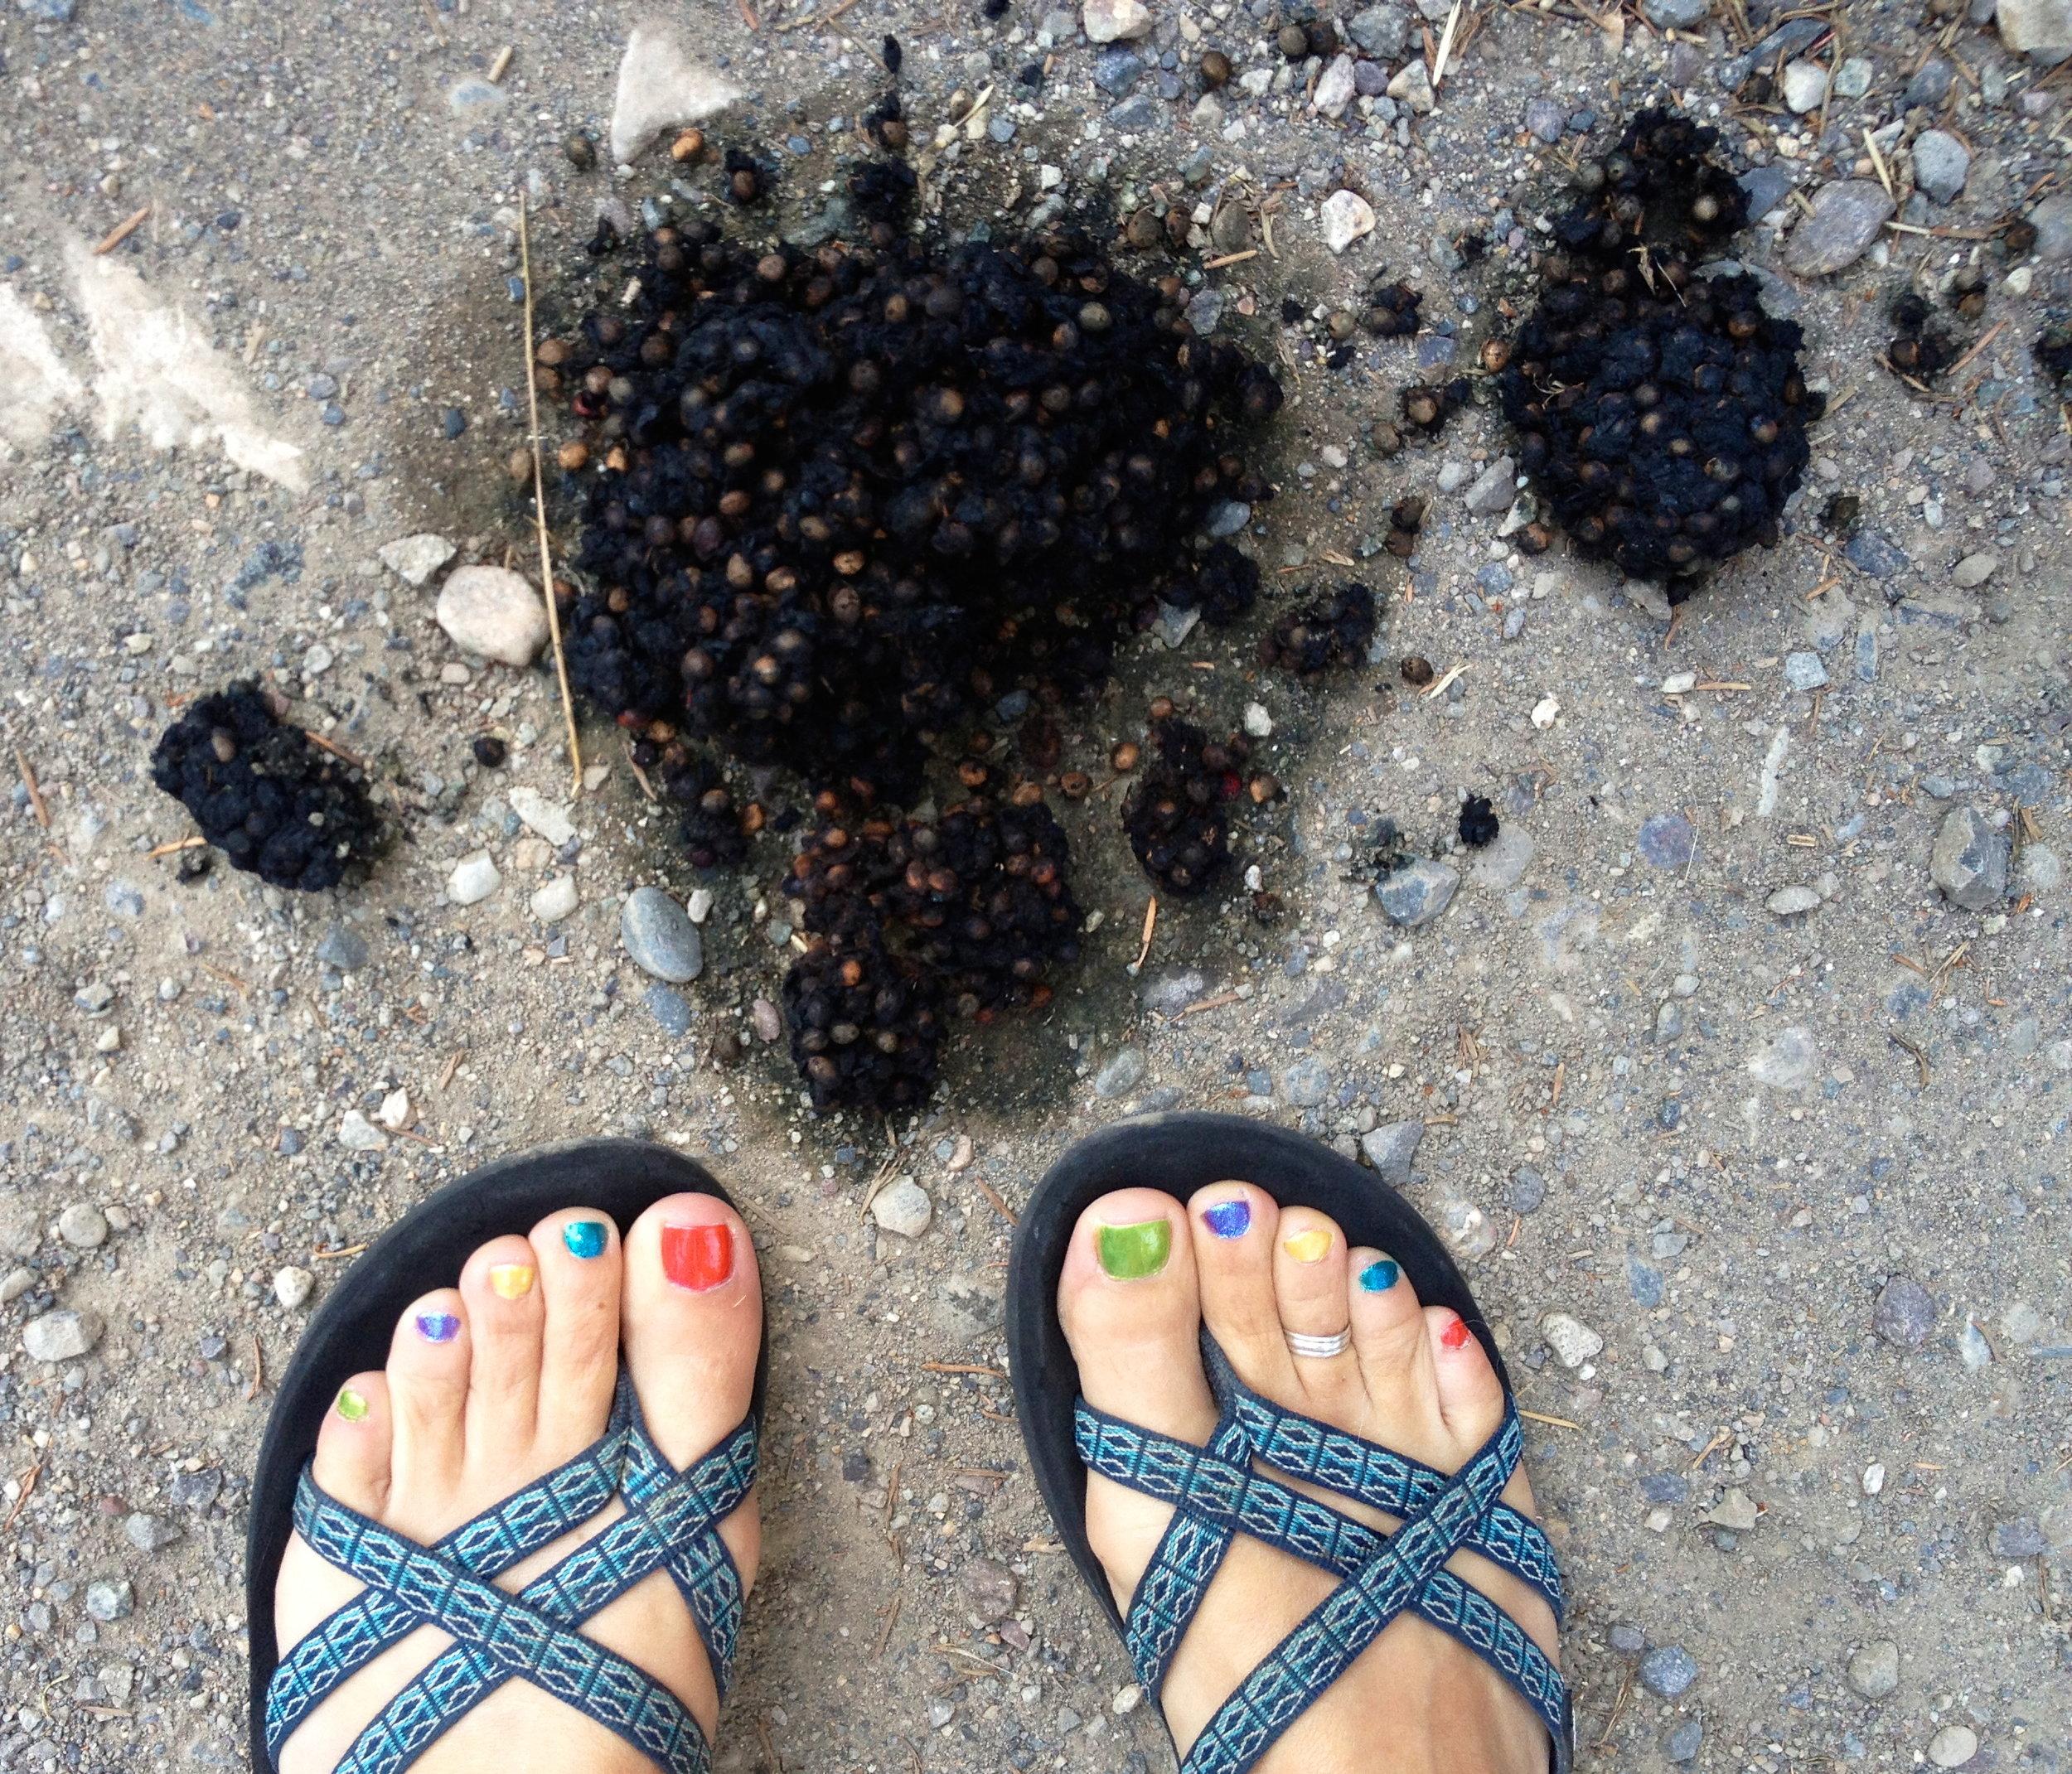 Bear Poop Commute